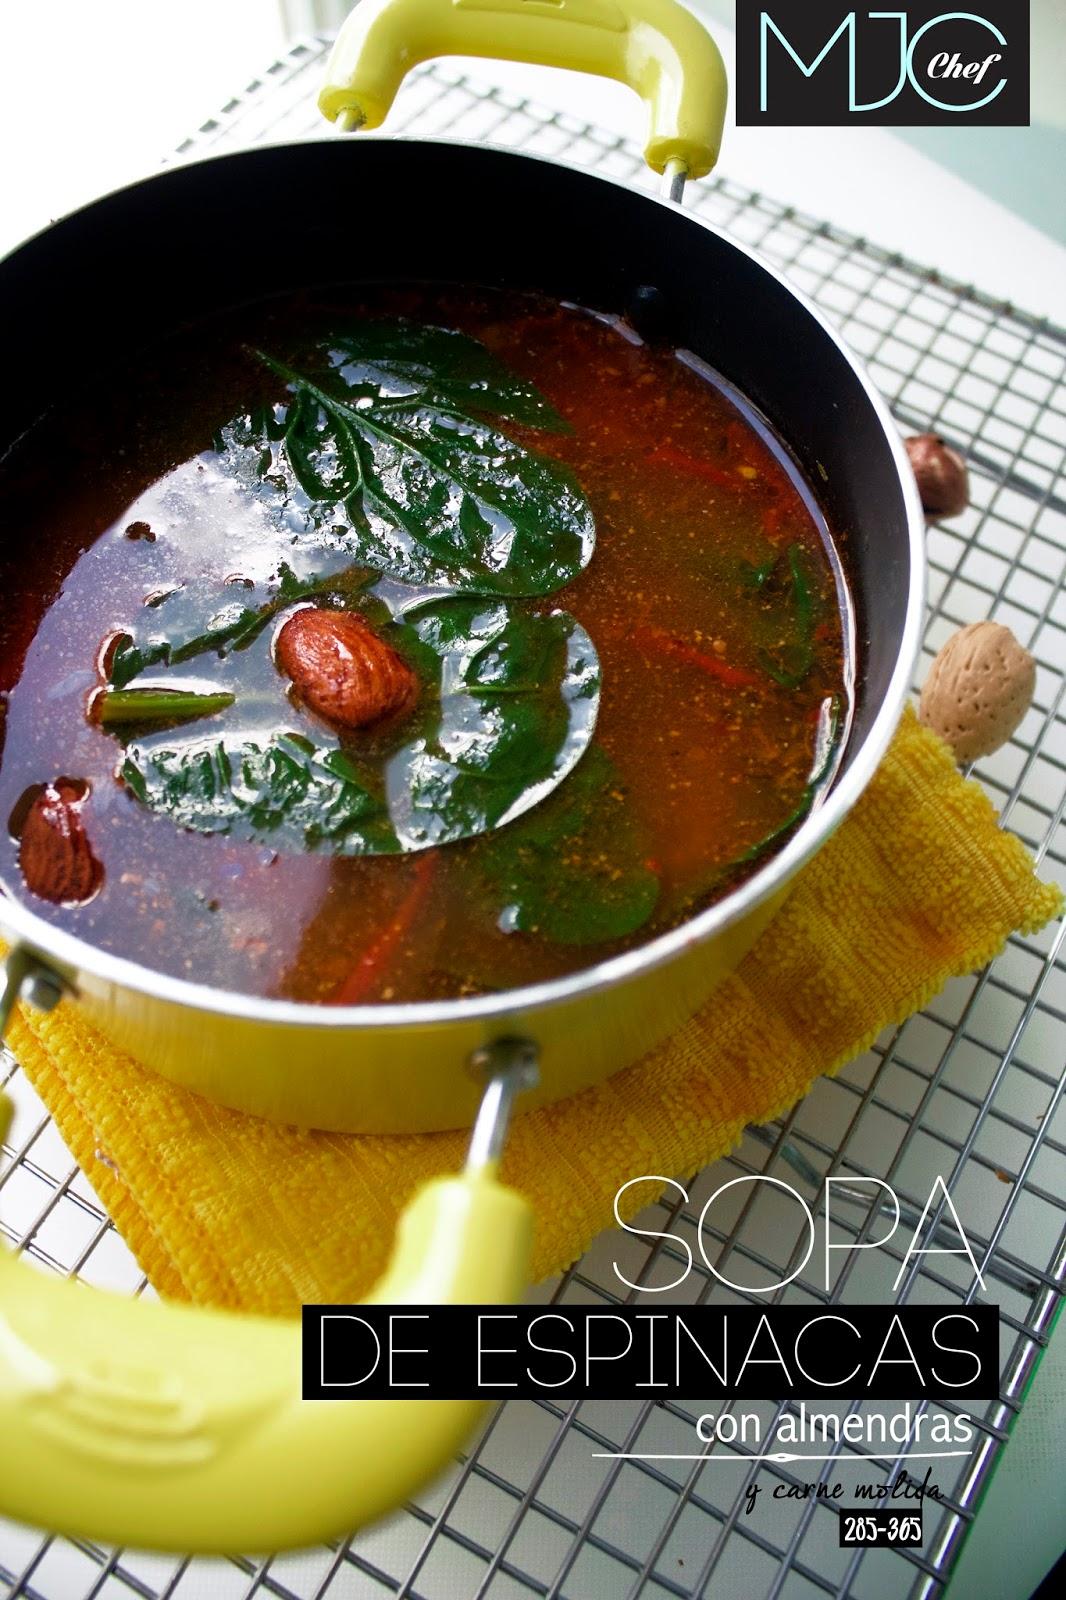 Sopa de espinacas